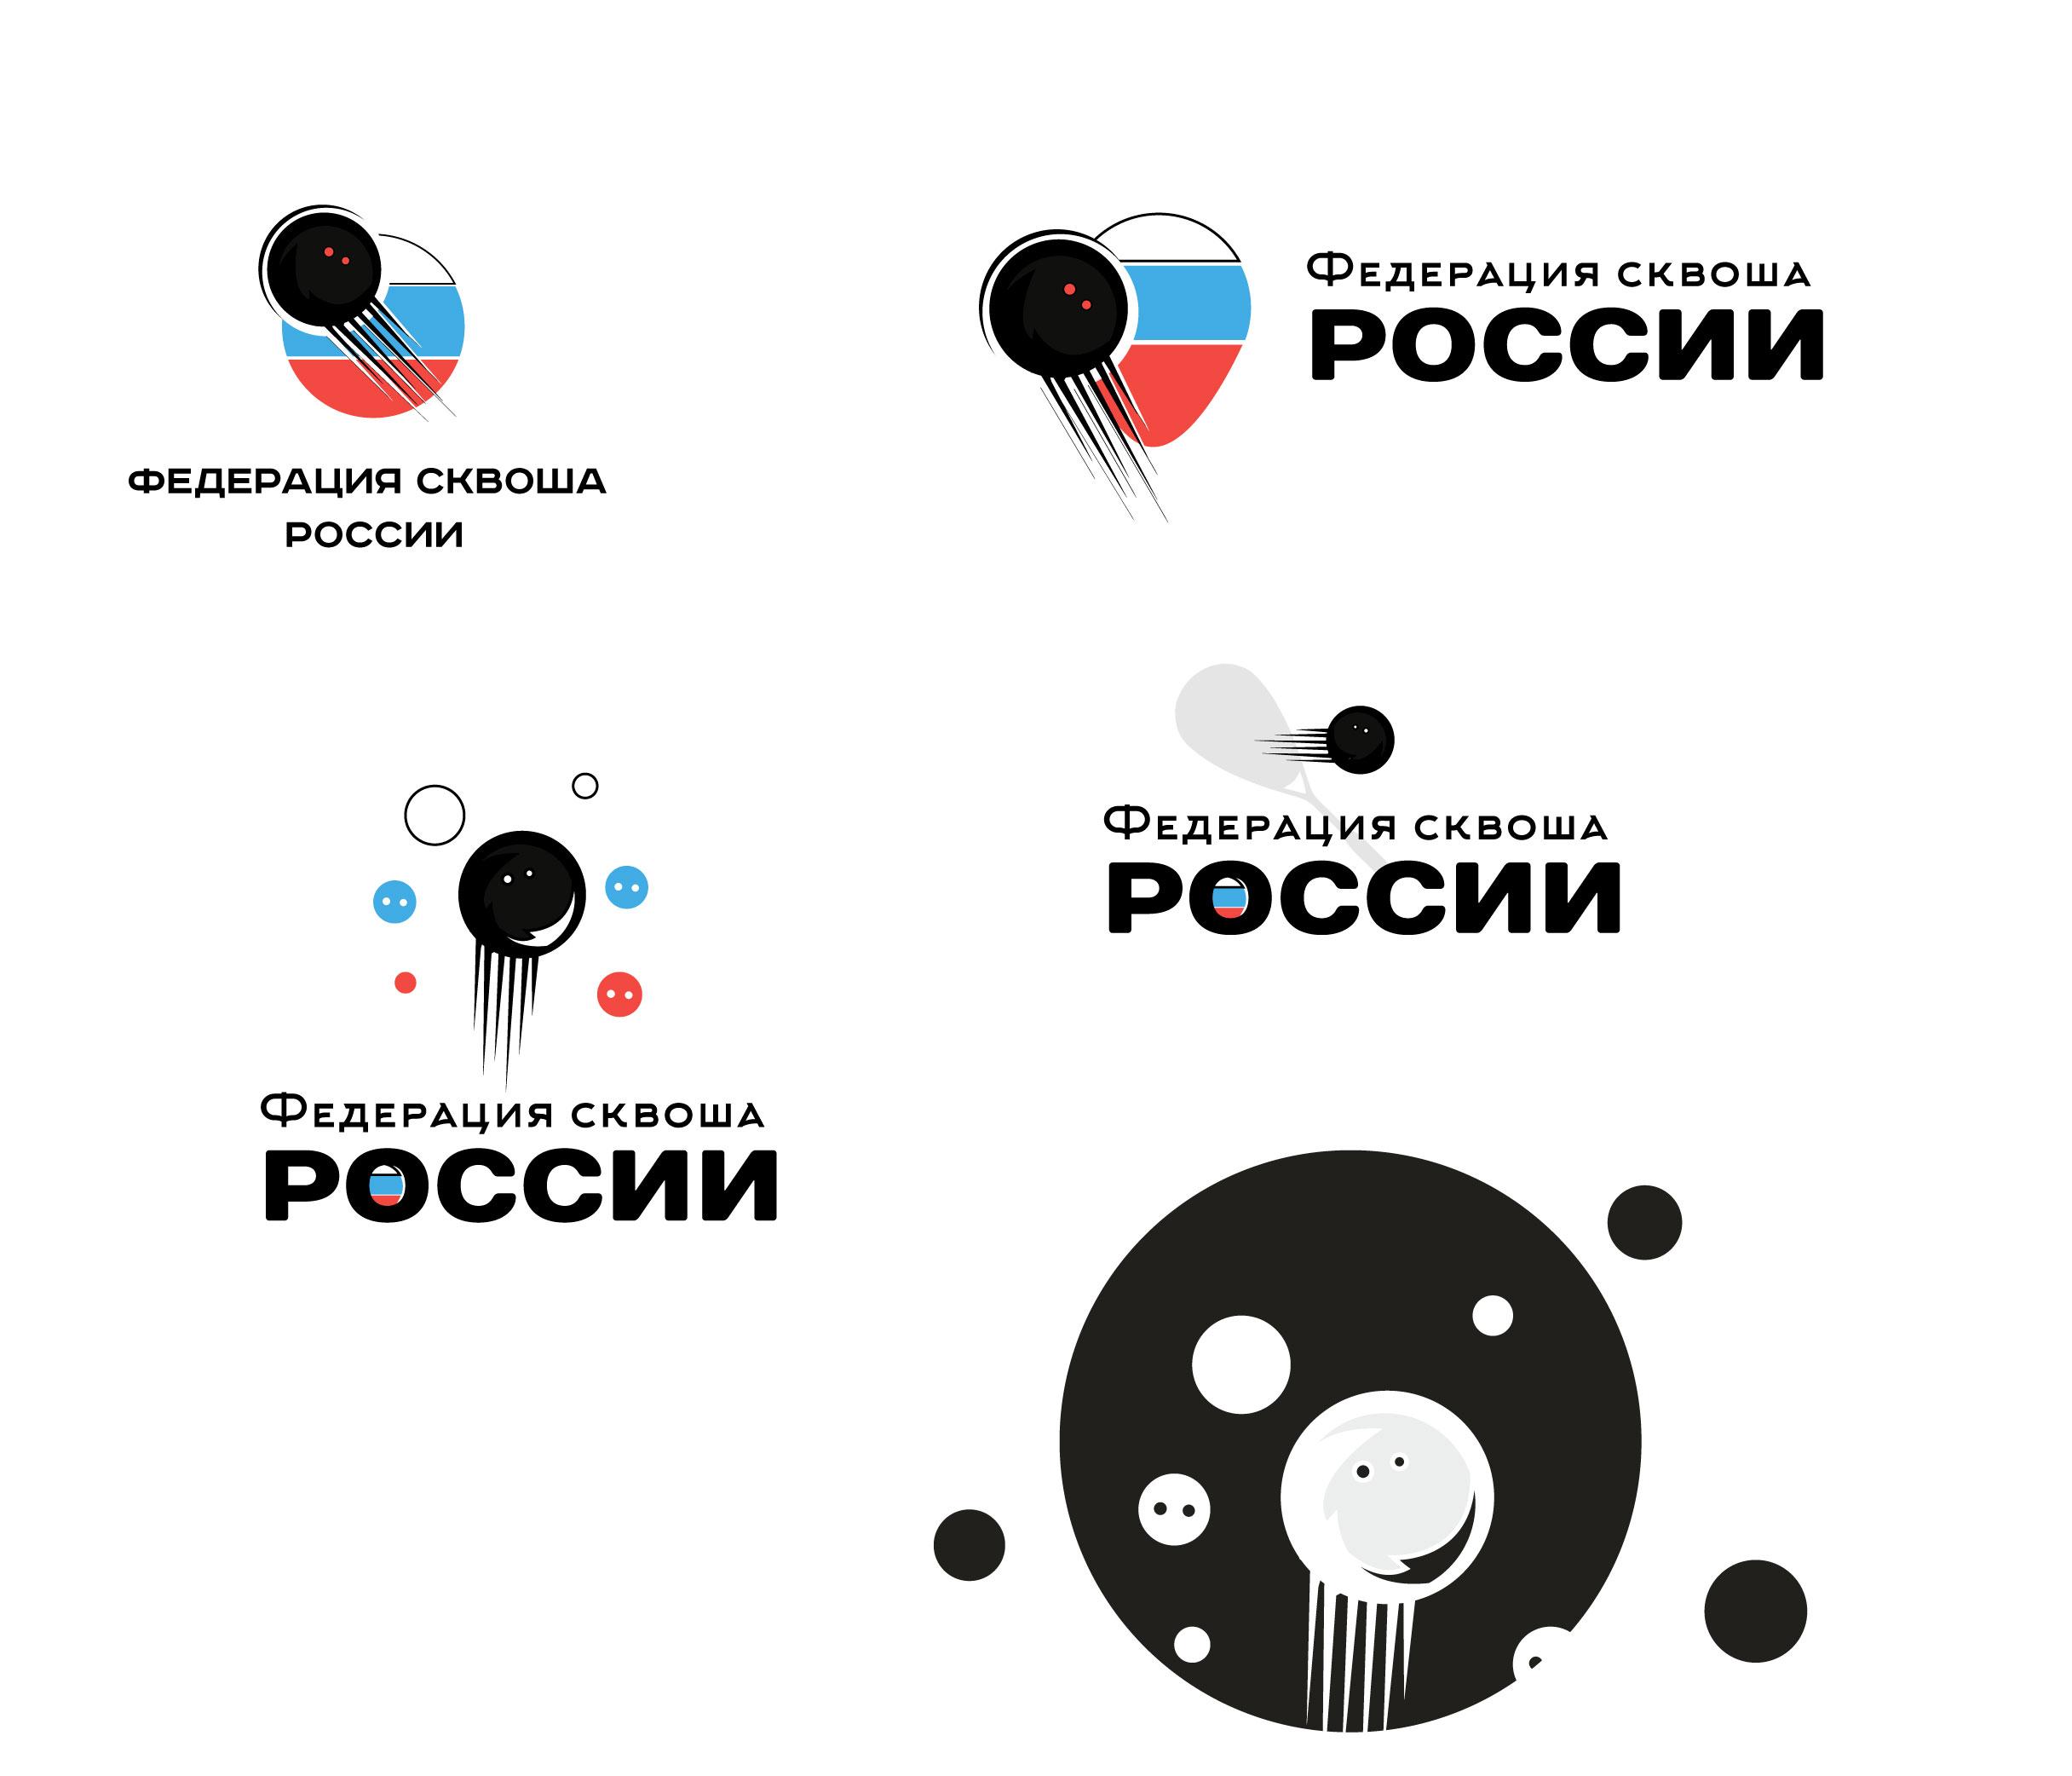 Разработать логотип для Федерации сквоша России фото f_1475f399d3548351.jpg